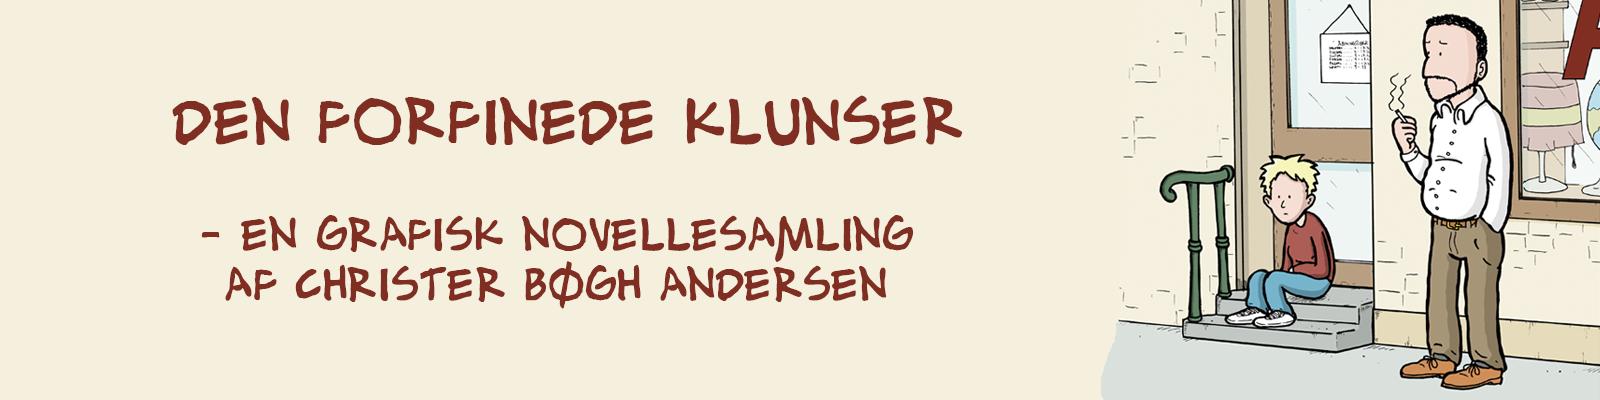 Den forfinede klunser, en grafisk novellesamling af Christer Bøgh Andersen